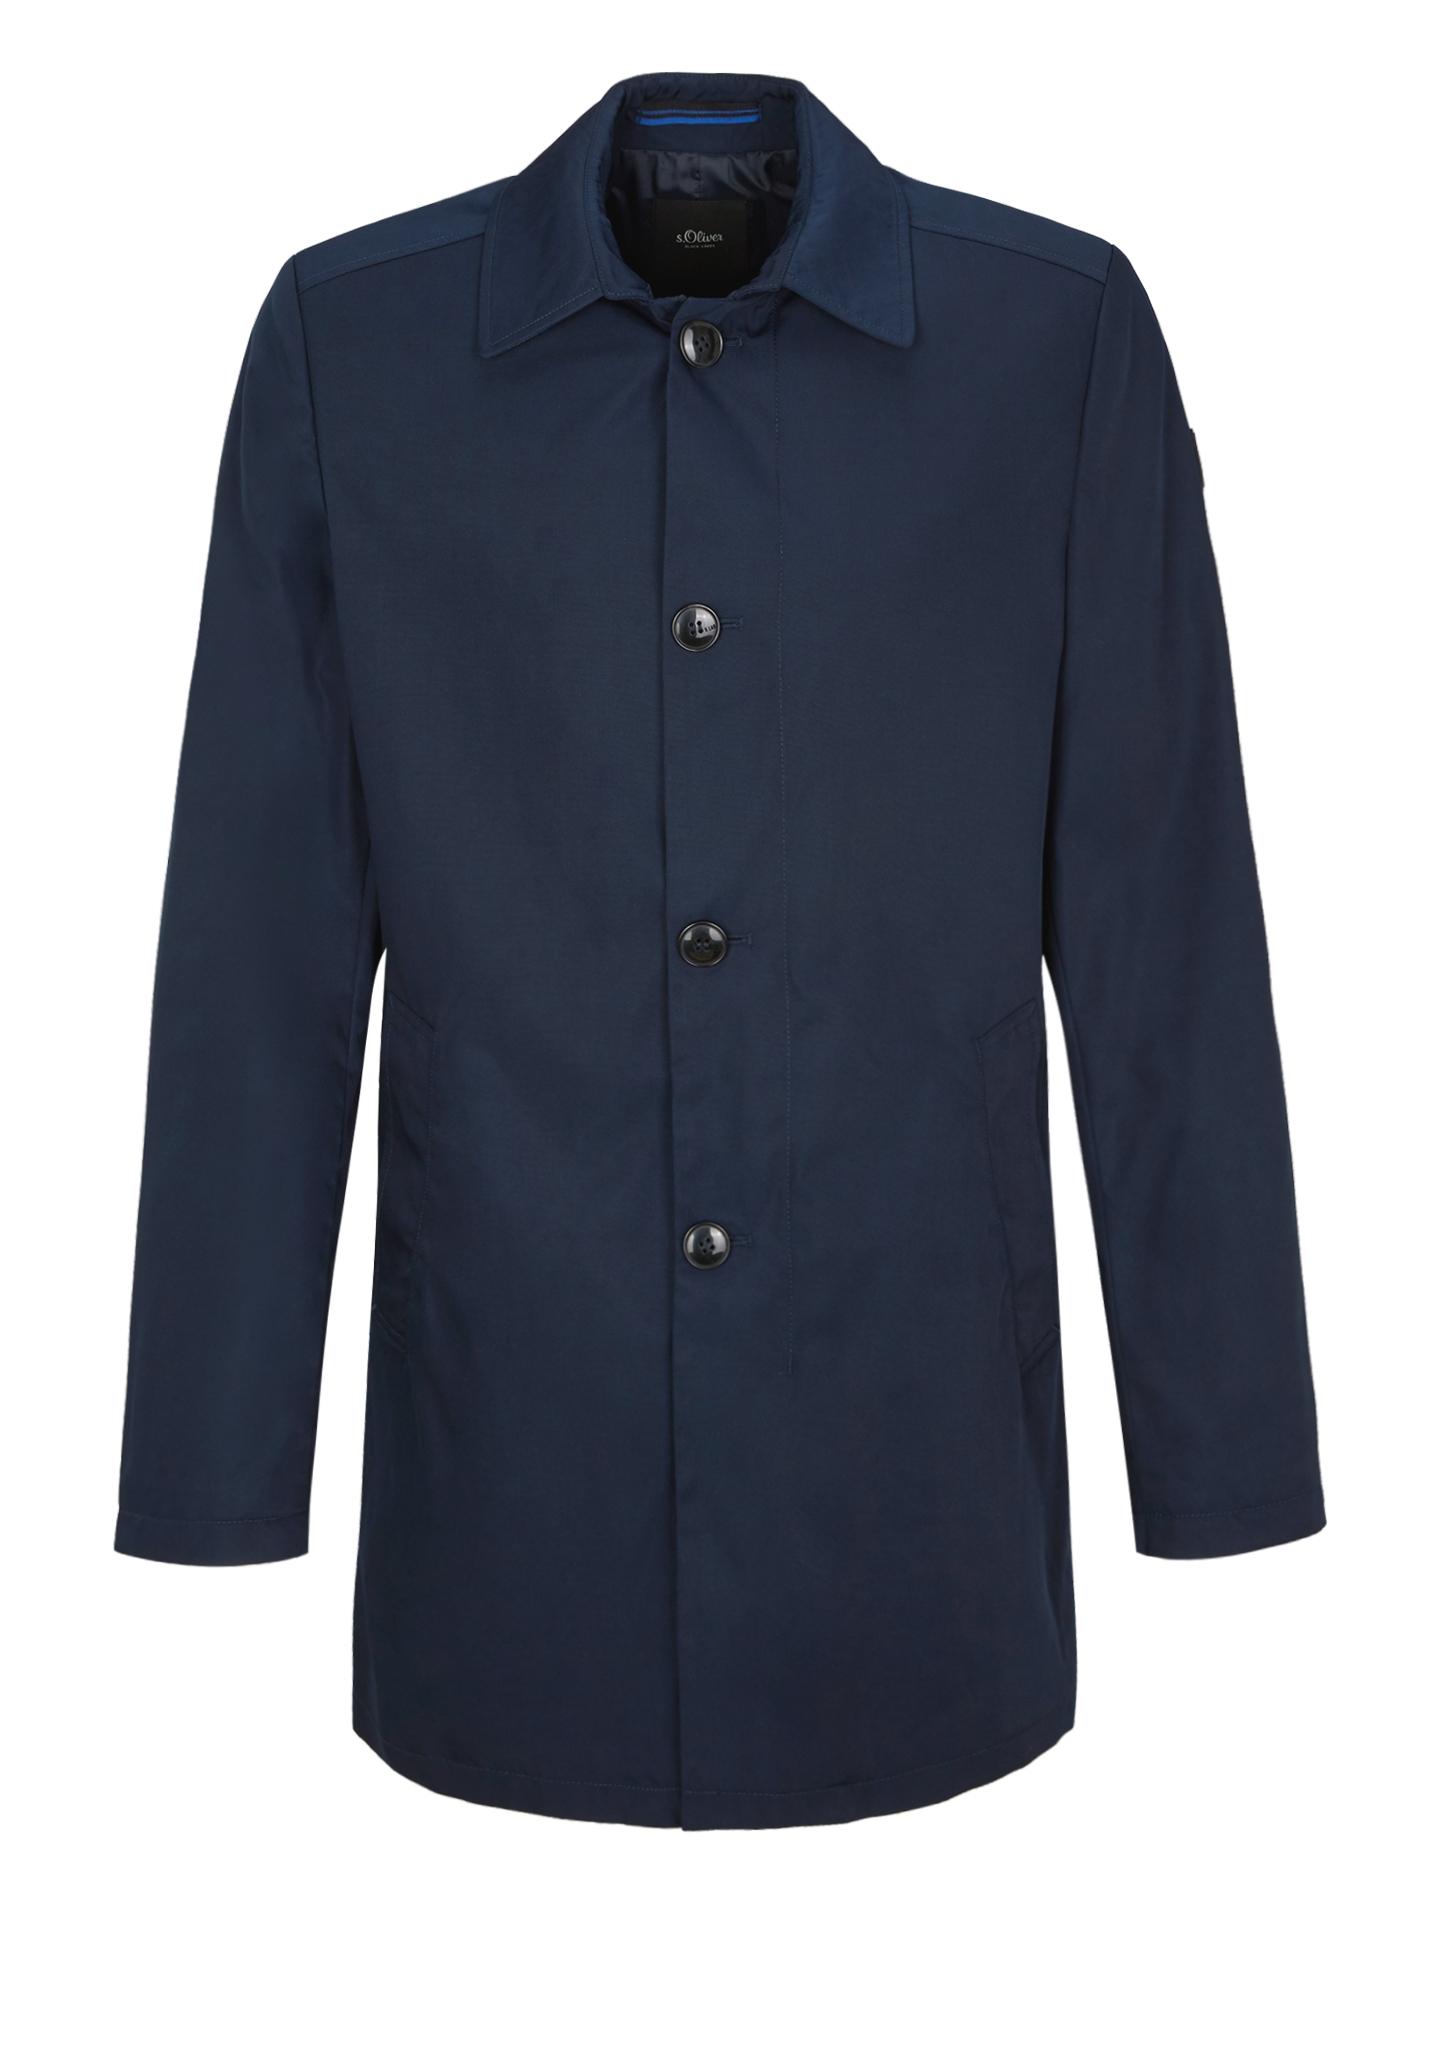 Mantel   Bekleidung > Mäntel > Sonstige Mäntel   Blau   Oberstoff: 100% polyester  futter: 100% polyester   s.Oliver BLACK LABEL